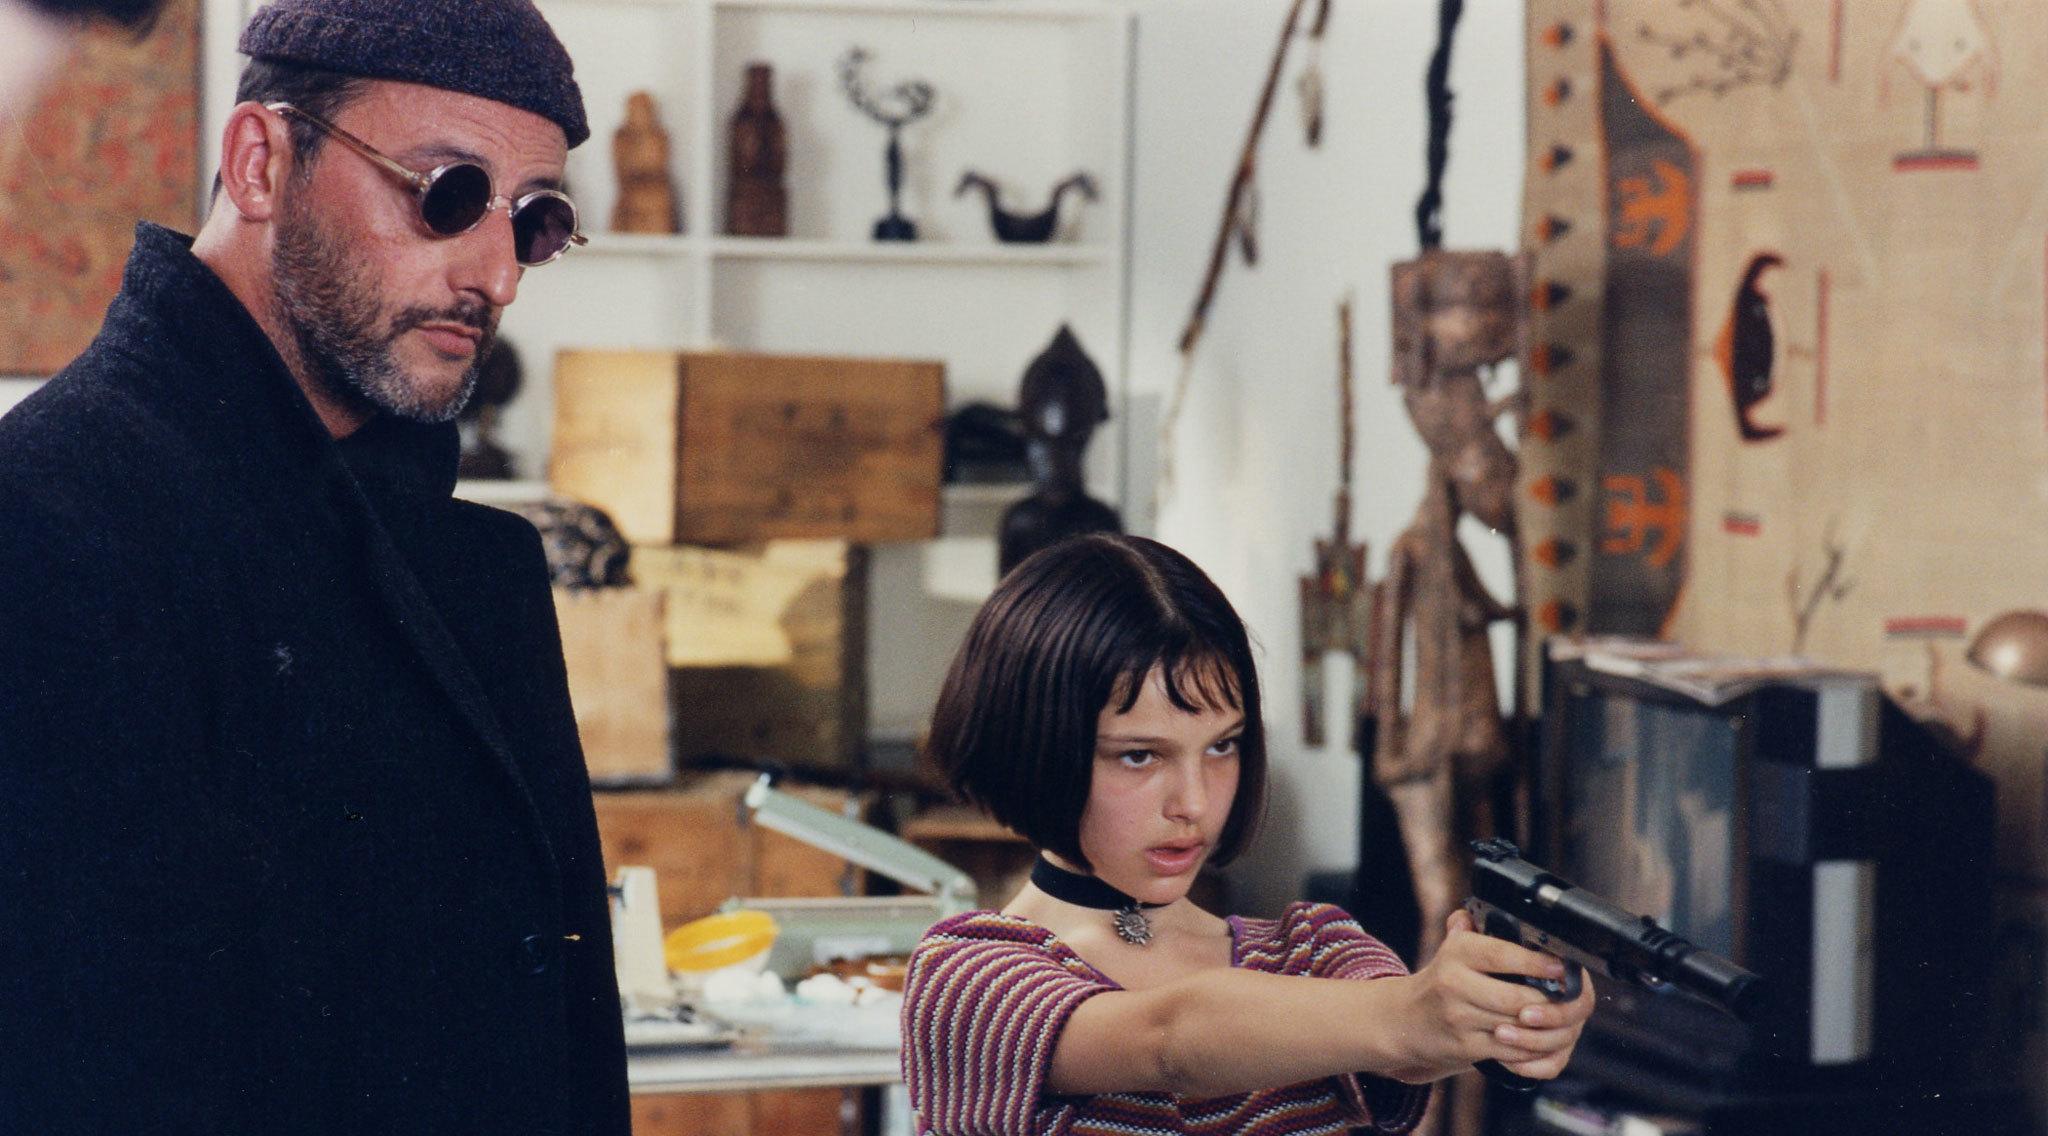 20 best friendship movies: Leon